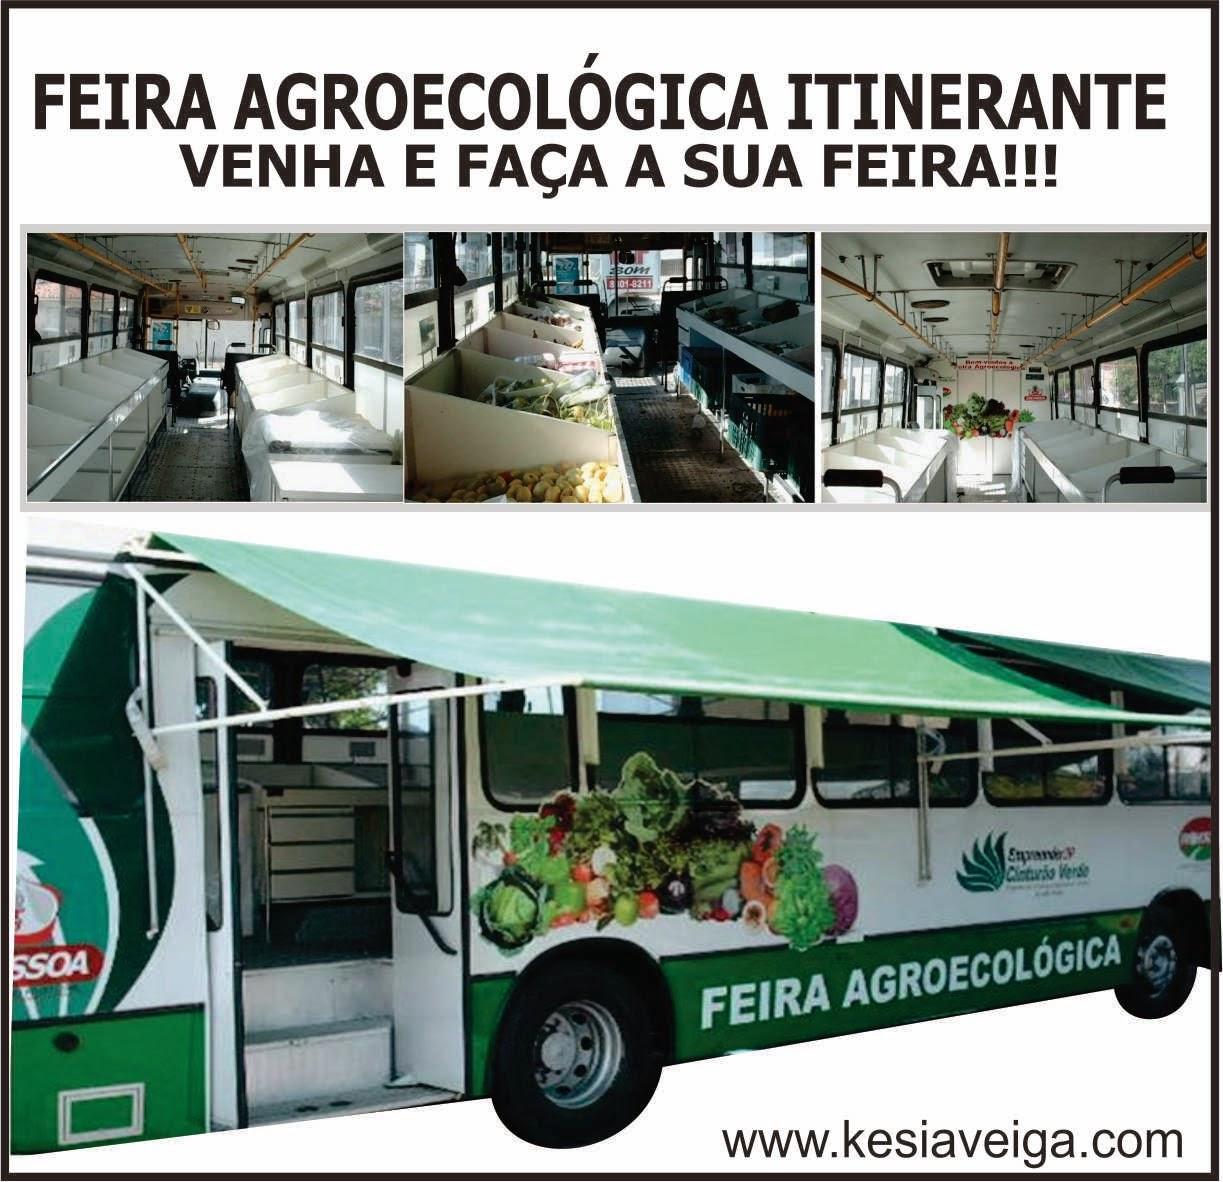 FEIRA ITINERANTE AGROECOLÓGICA